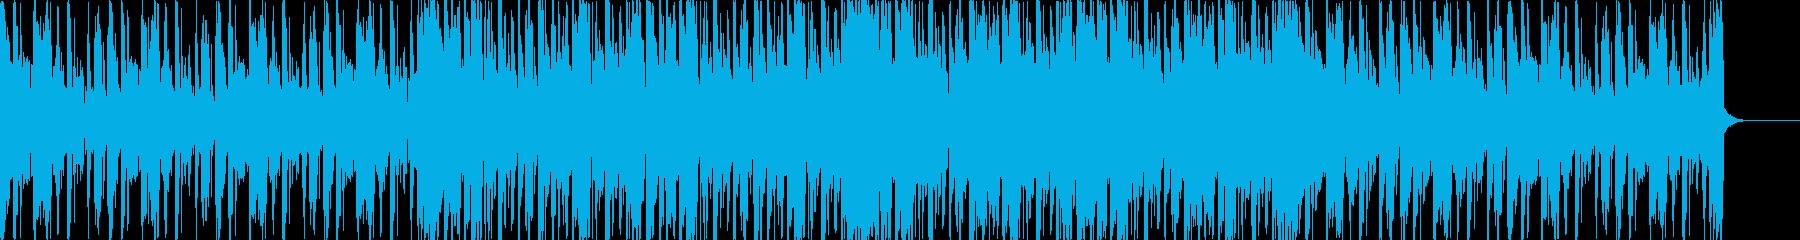 グリッチな感じのブレイクビーツの再生済みの波形